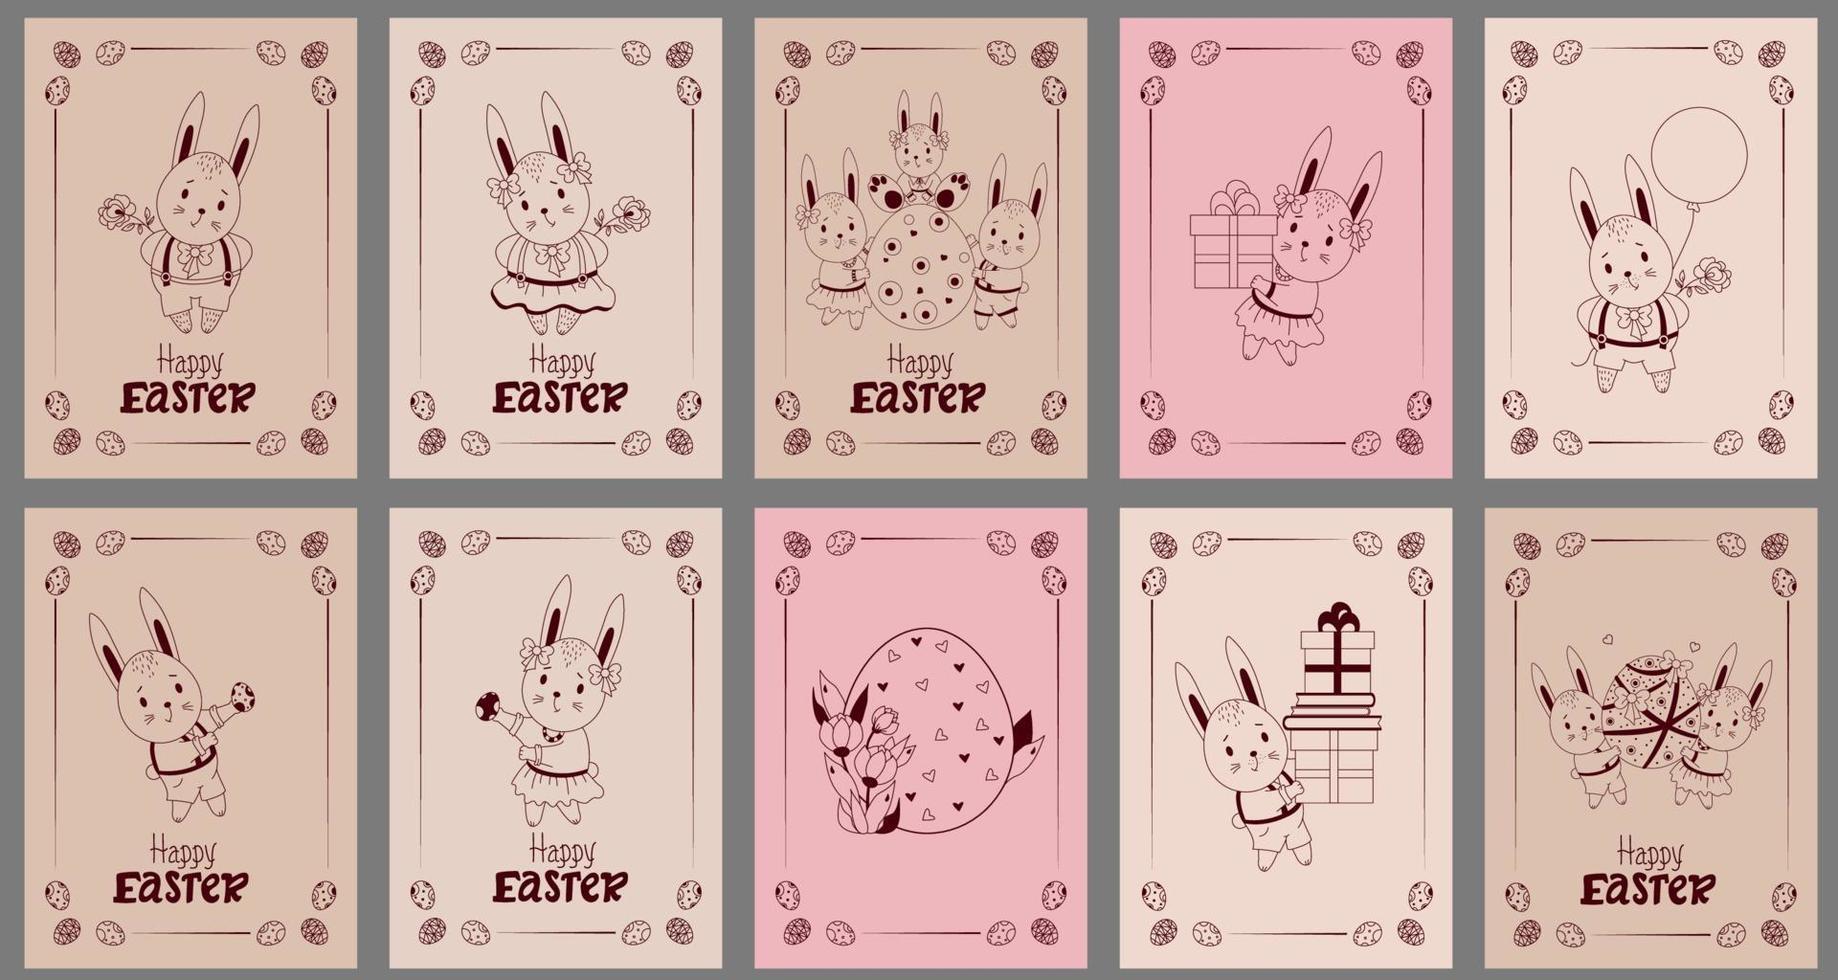 conjunto de cartões postais feliz Páscoa - com lindos coelhinhos da Páscoa. lebre, um menino de shorts, uma menina com uma flor, uma família com uma criança, um ovo de páscoa, presentes e balões. ilustração vetorial, esboço vetor